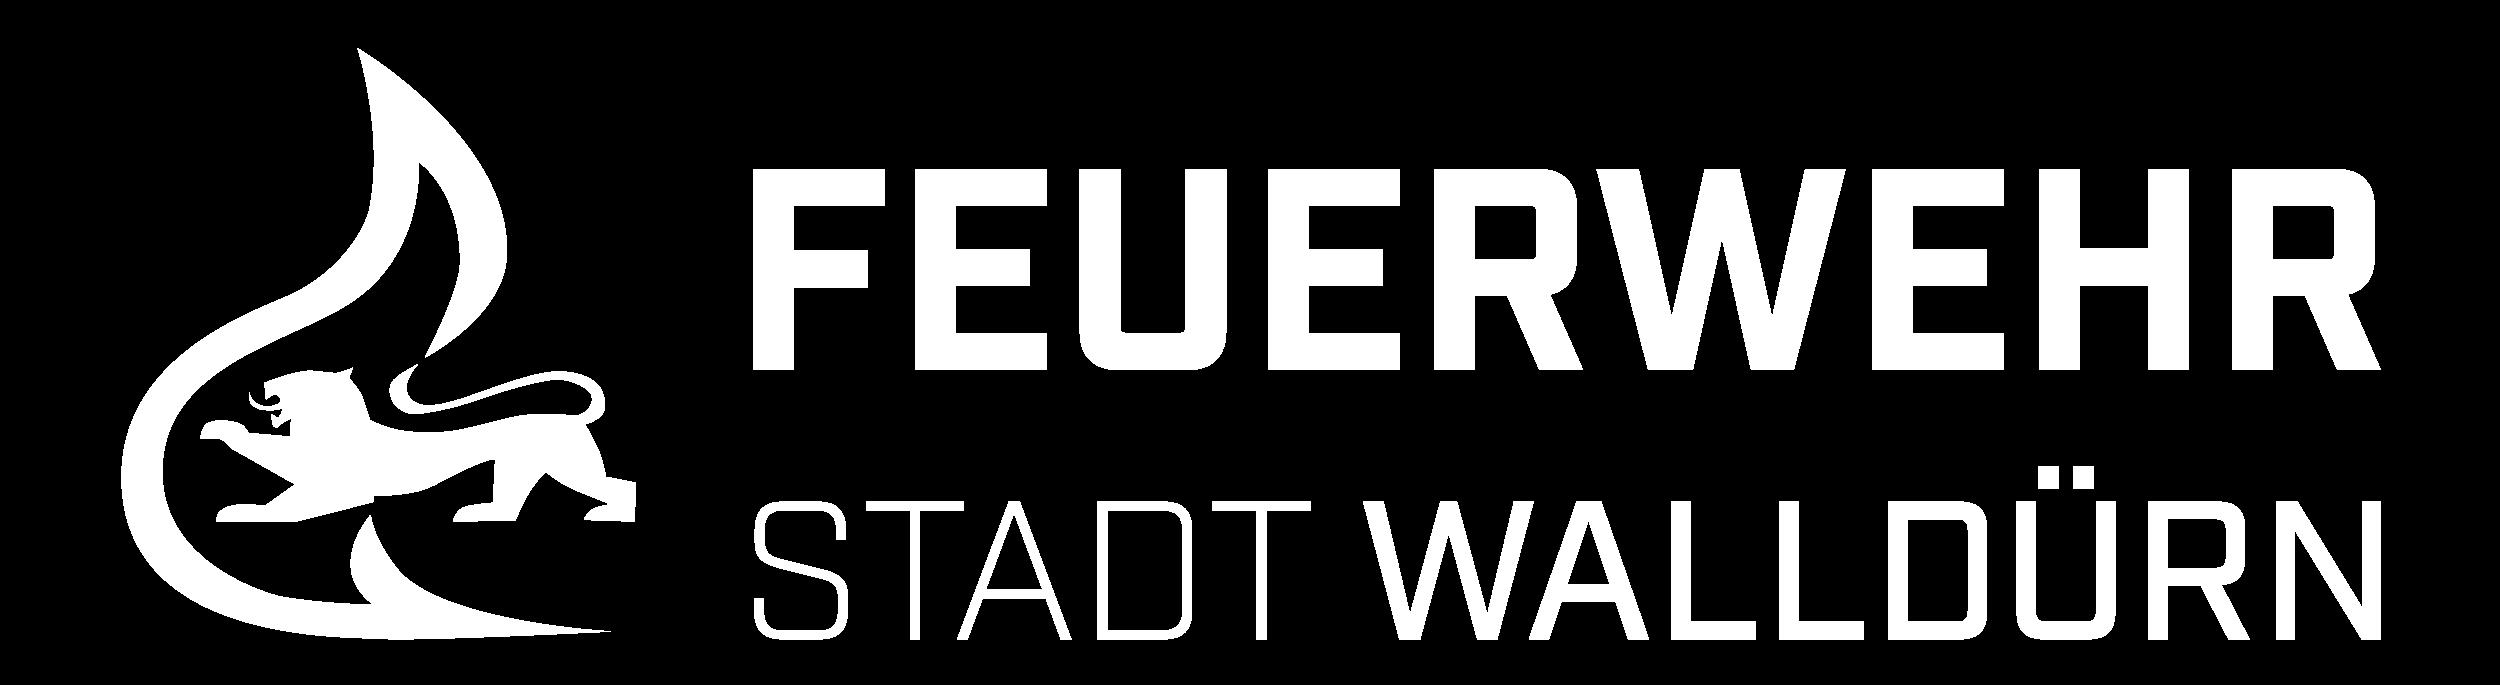 Feuerwehr Walldürn